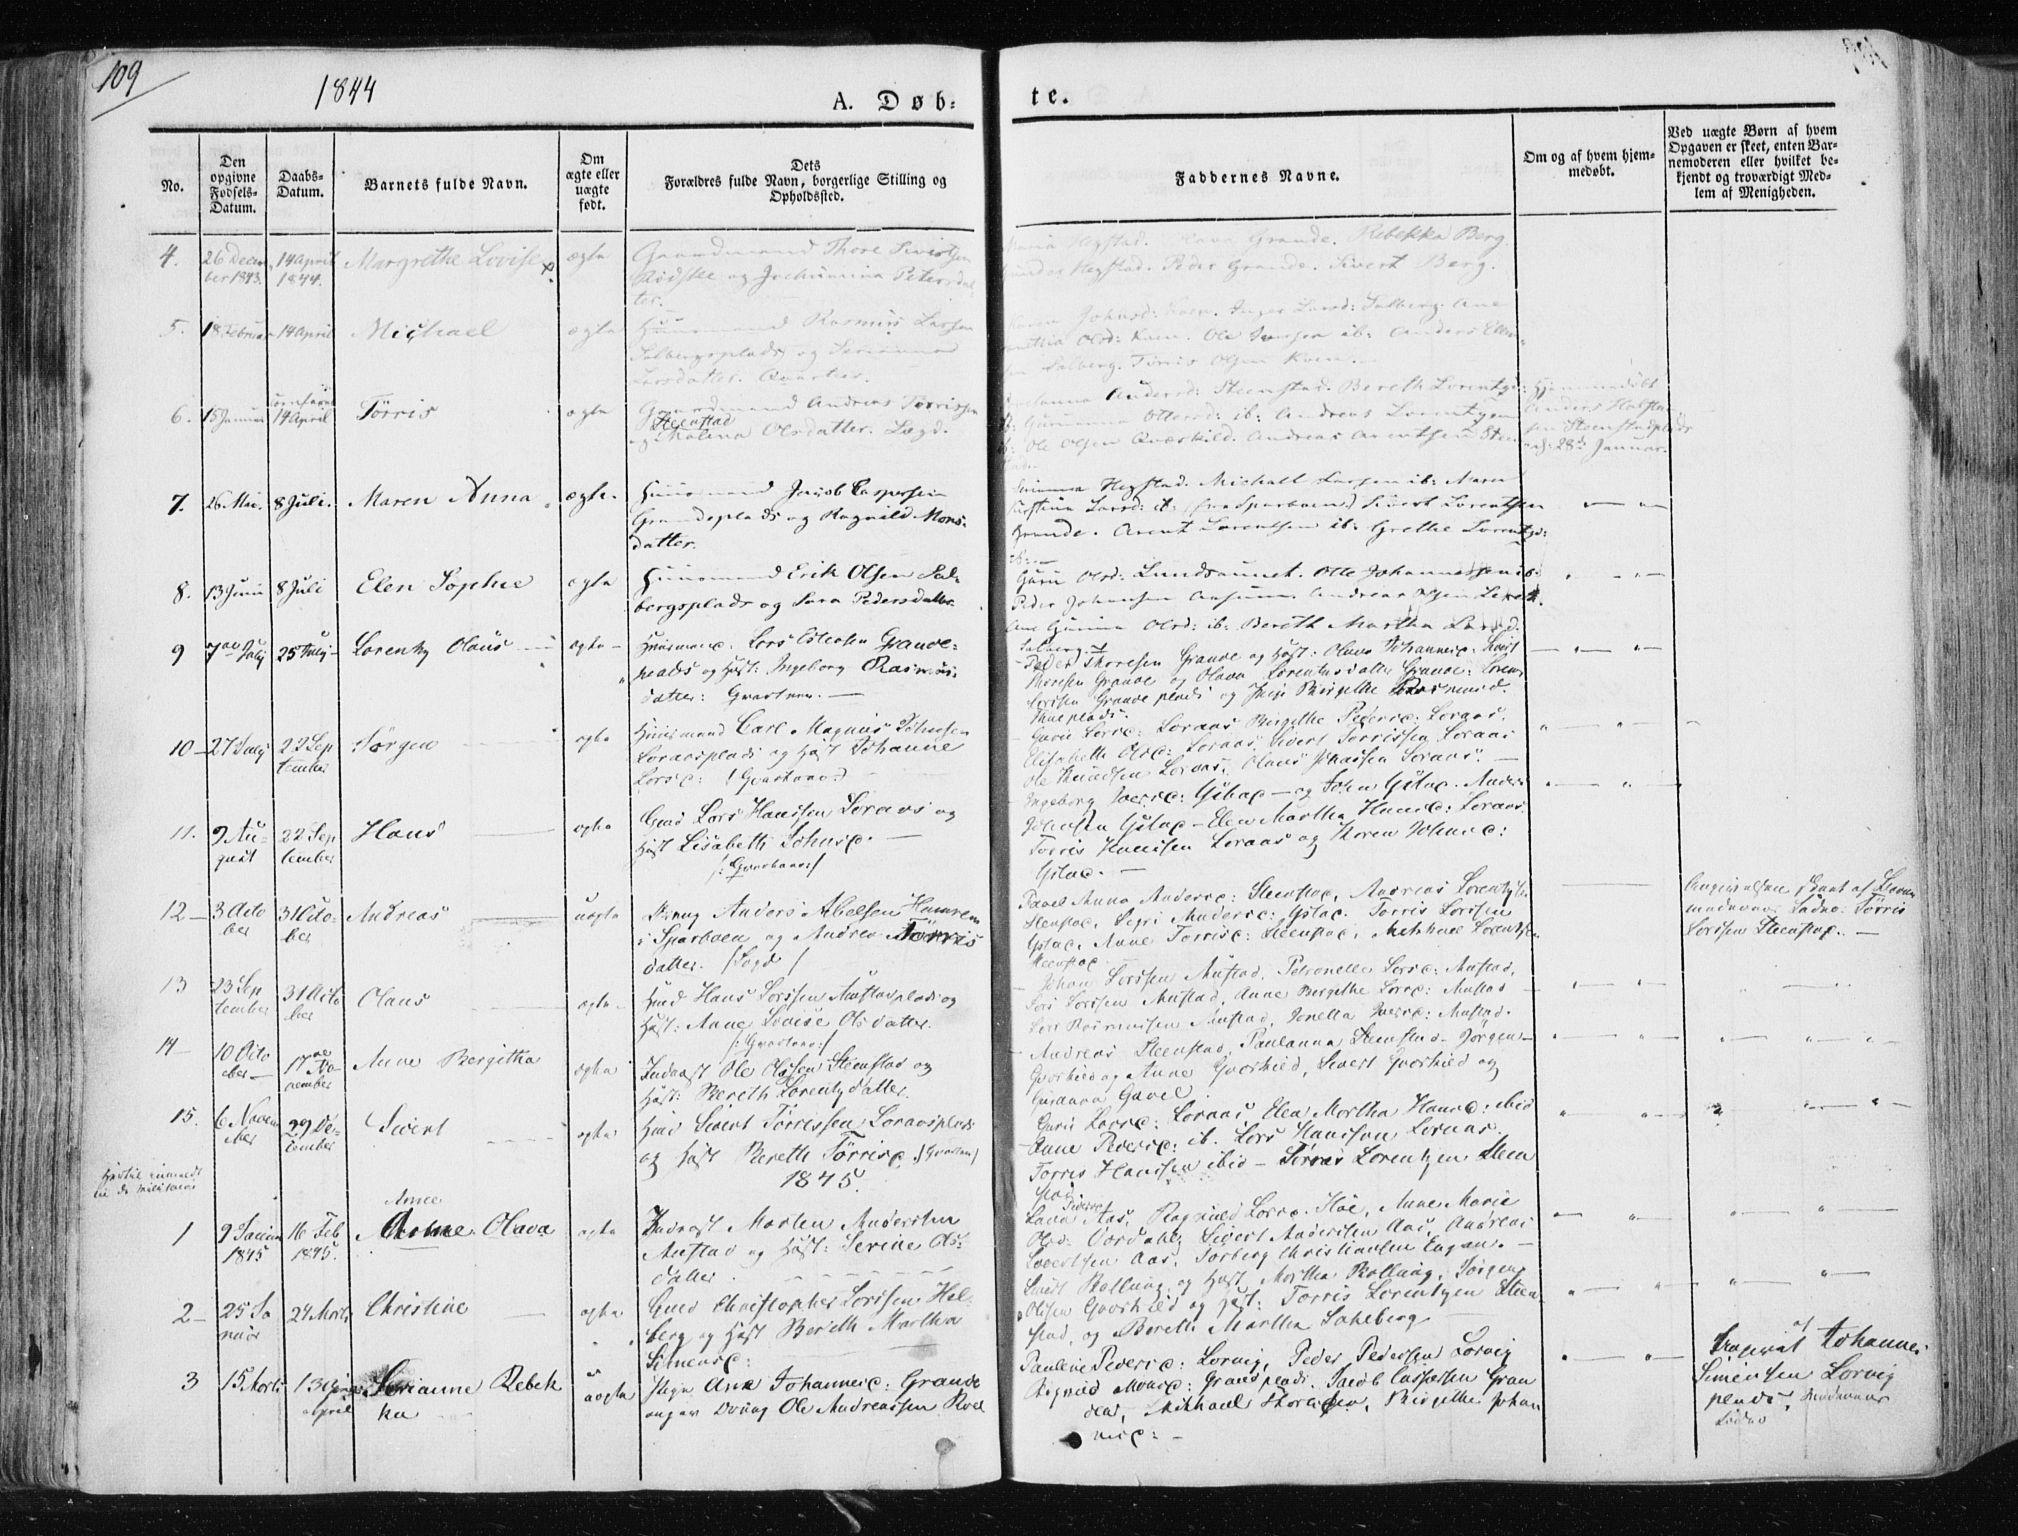 SAT, Ministerialprotokoller, klokkerbøker og fødselsregistre - Nord-Trøndelag, 730/L0280: Ministerialbok nr. 730A07 /2, 1840-1854, s. 109